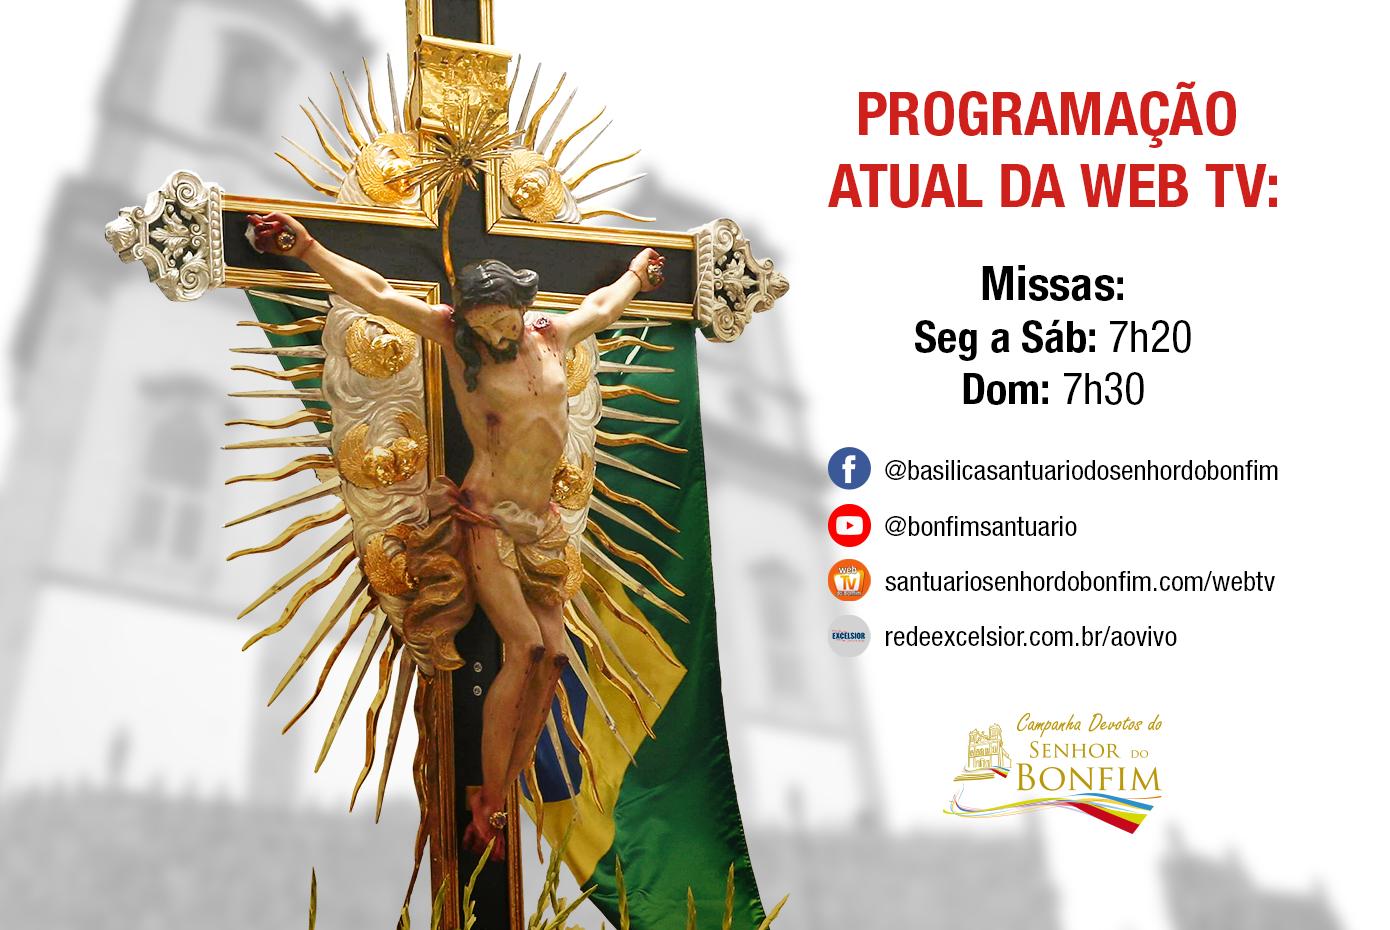 Acompanhe nossa programação na Web TV do Bonfim!